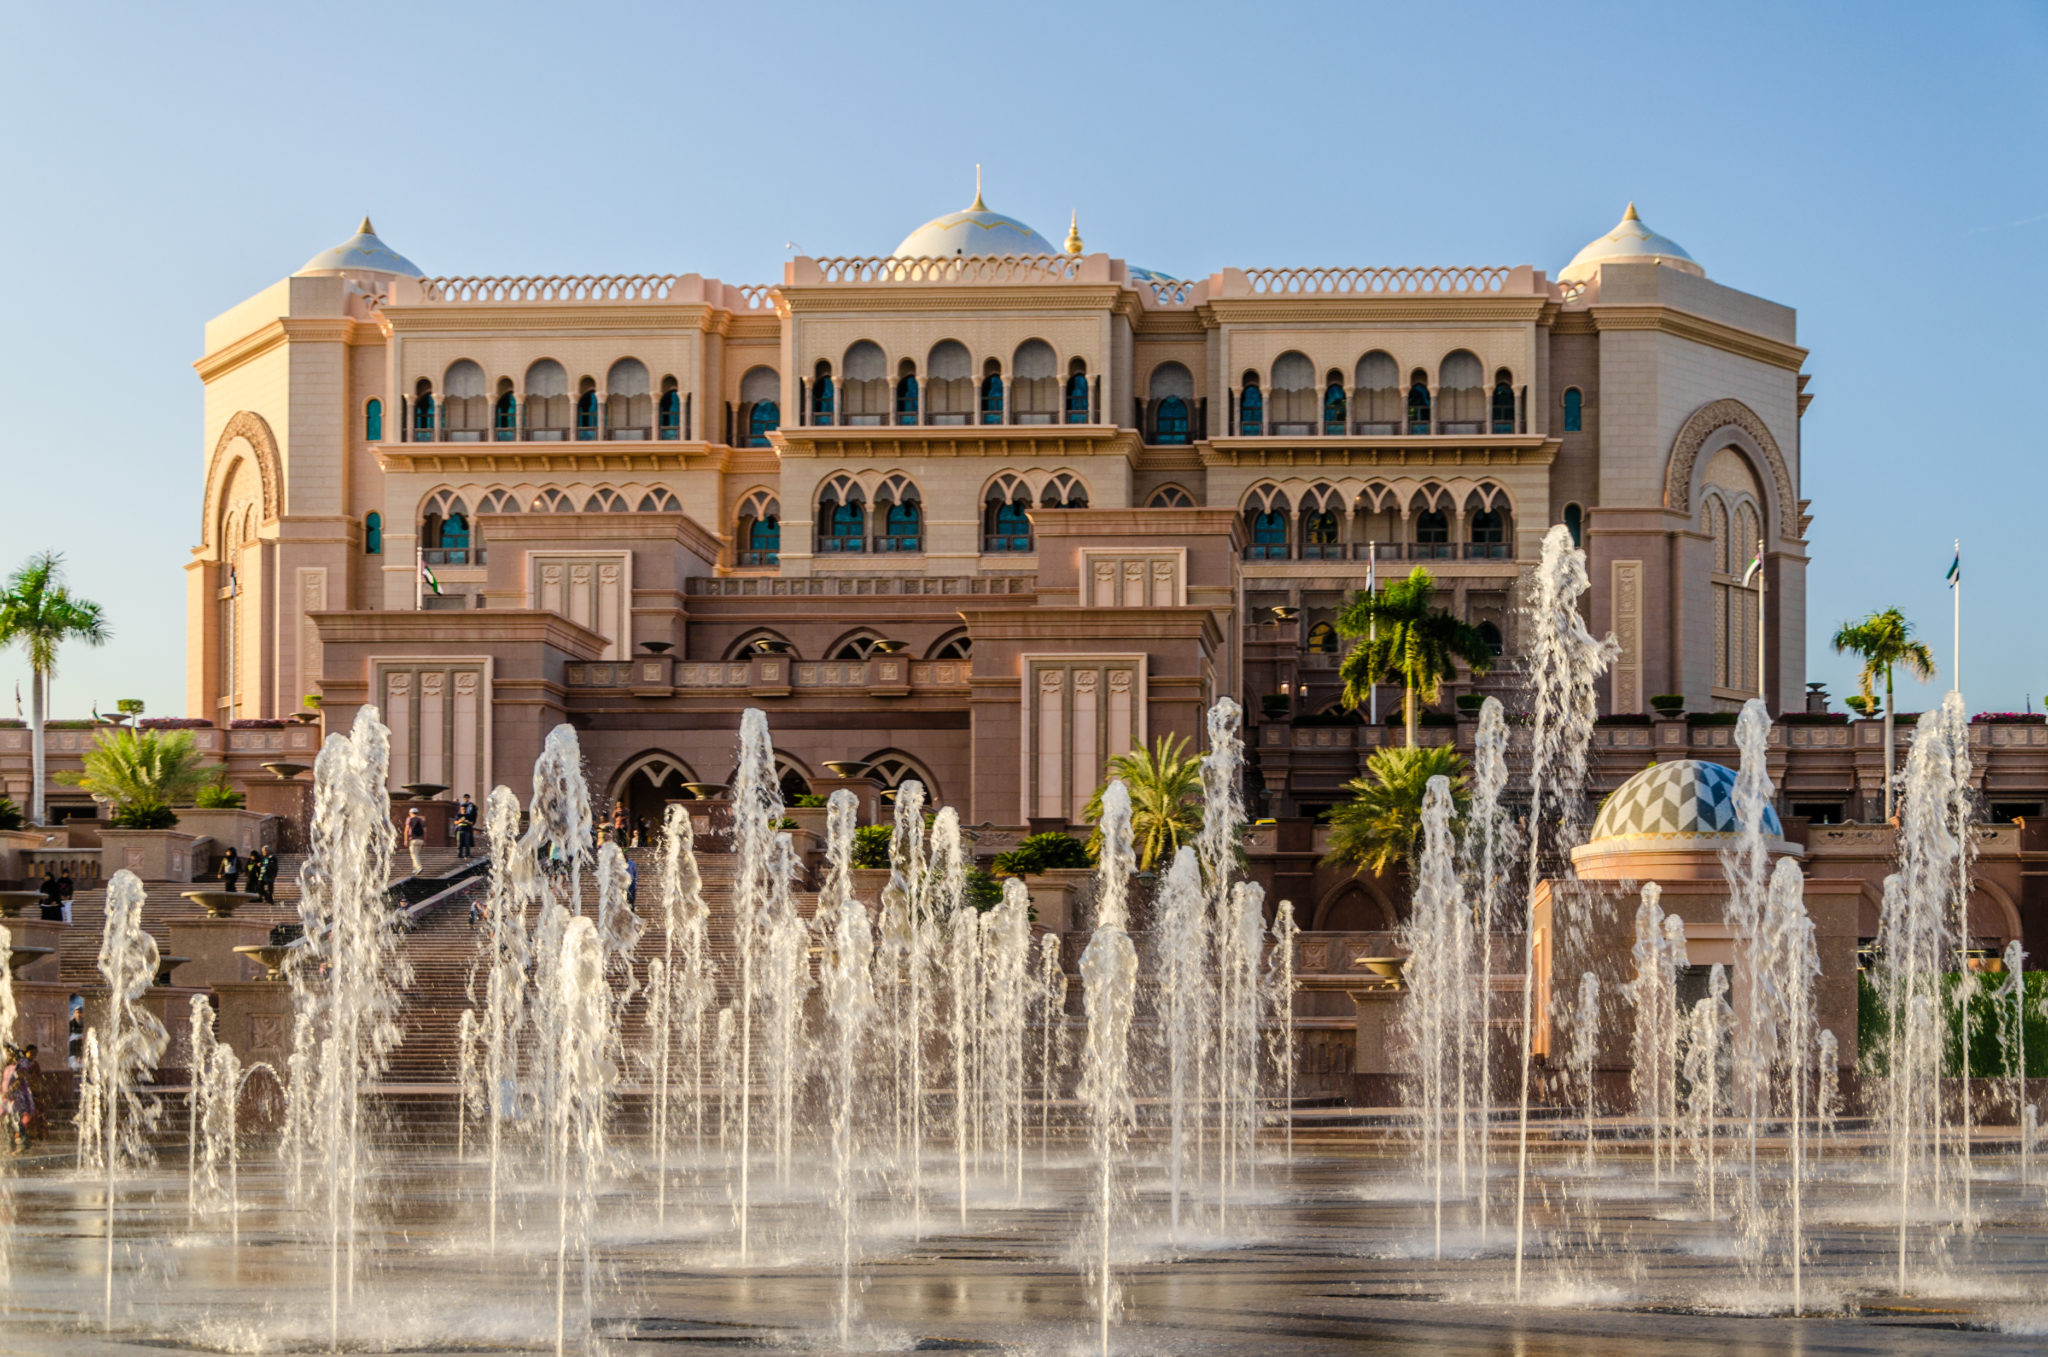 emirate palace